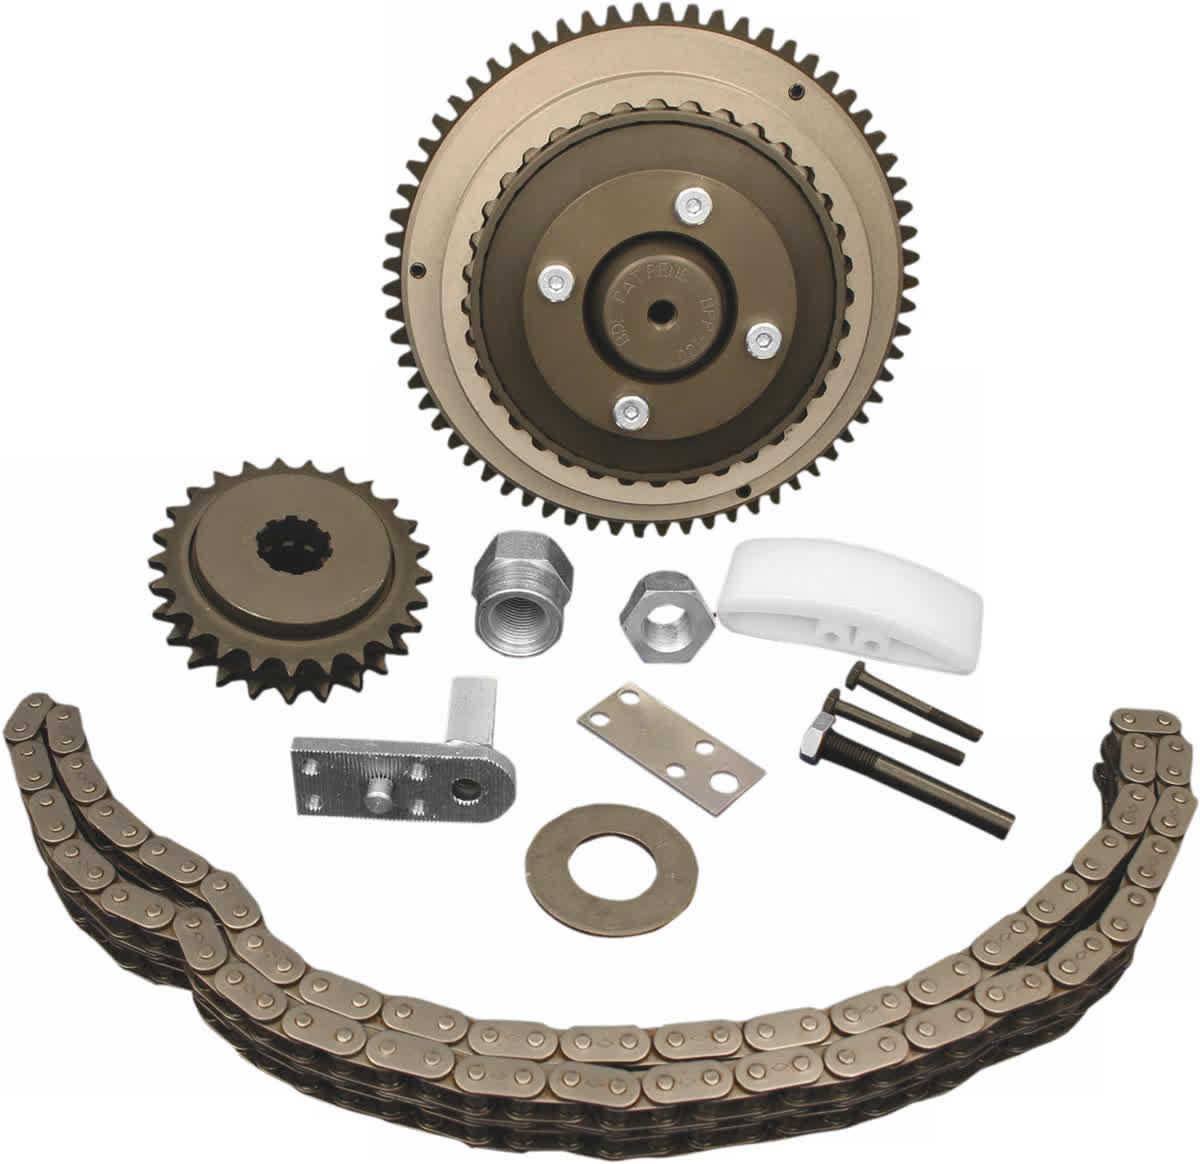 Belt Drives Ltd CDBCS-1-90 Primary Chain Drive Kit w/ Ball-Bearing Lockup Clutch